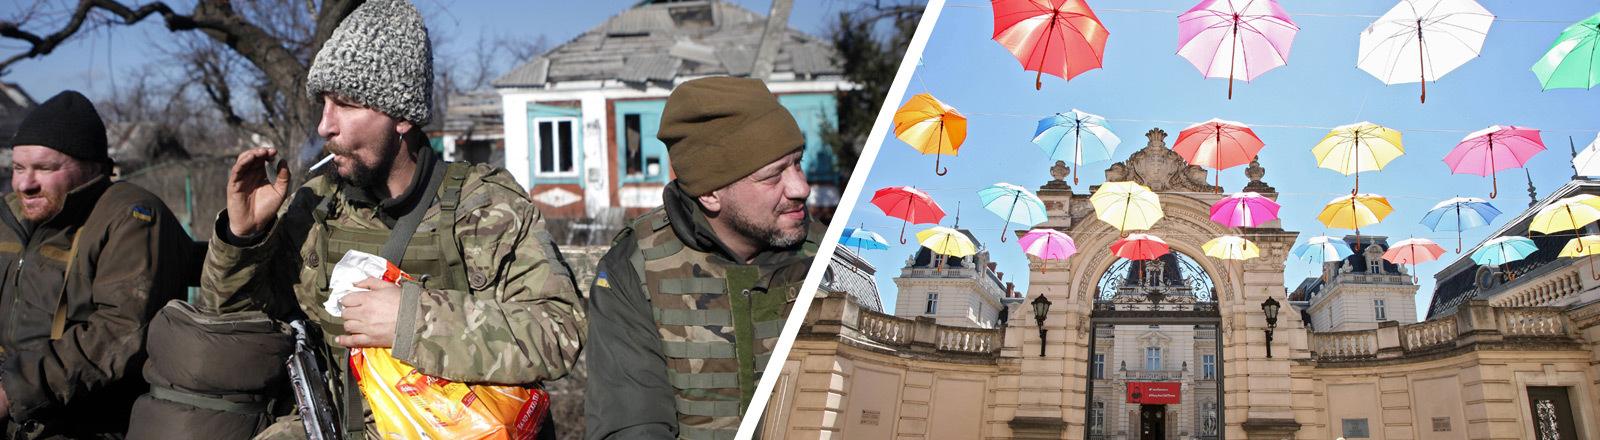 Spaltung zwischen West- und Ostukraine.